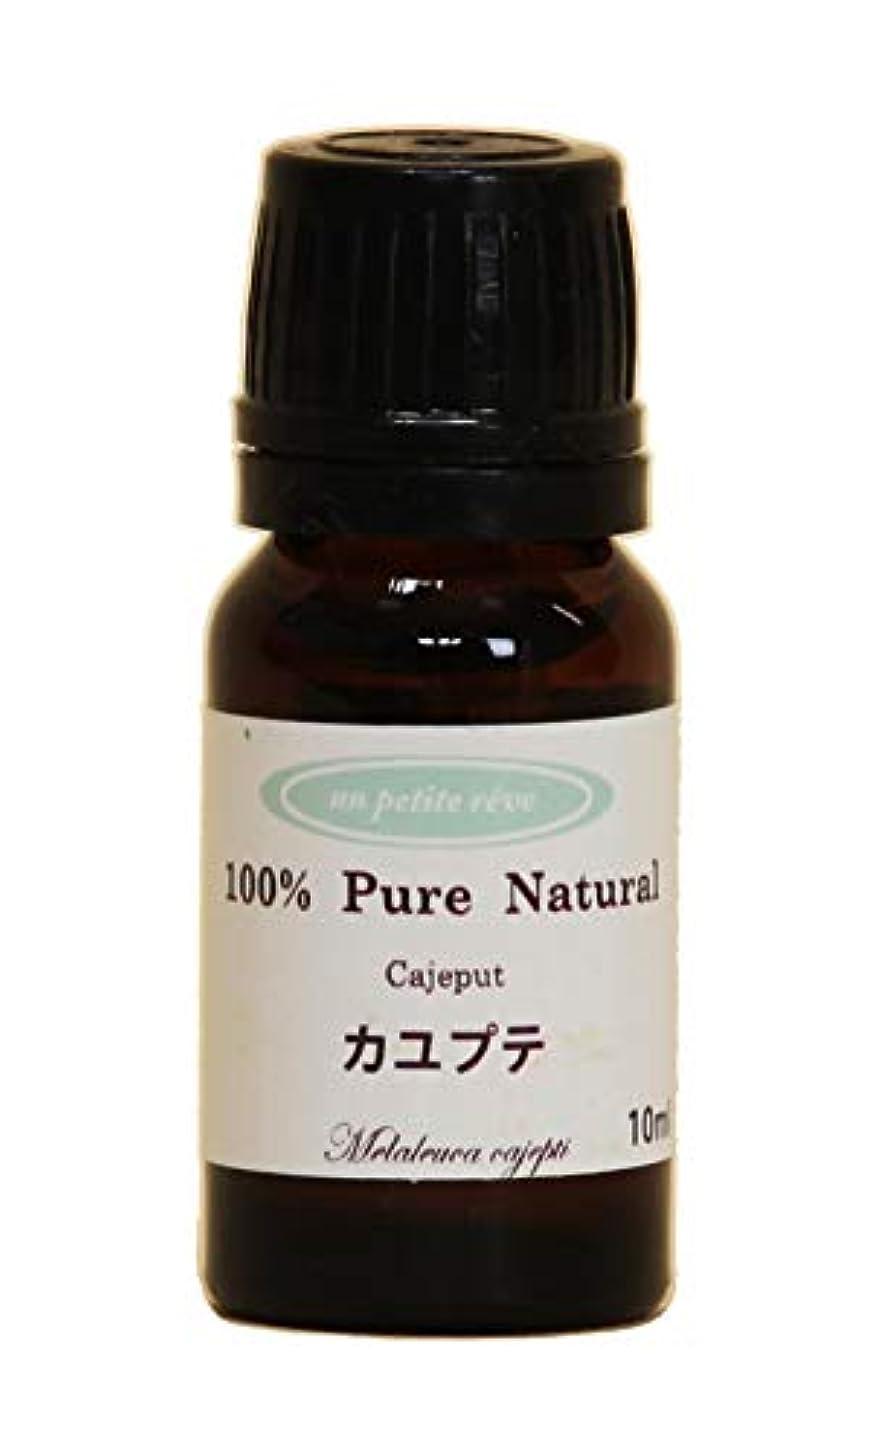 スマイルリアル薬剤師カユプテ  10ml 100%天然アロマエッセンシャルオイル(精油)